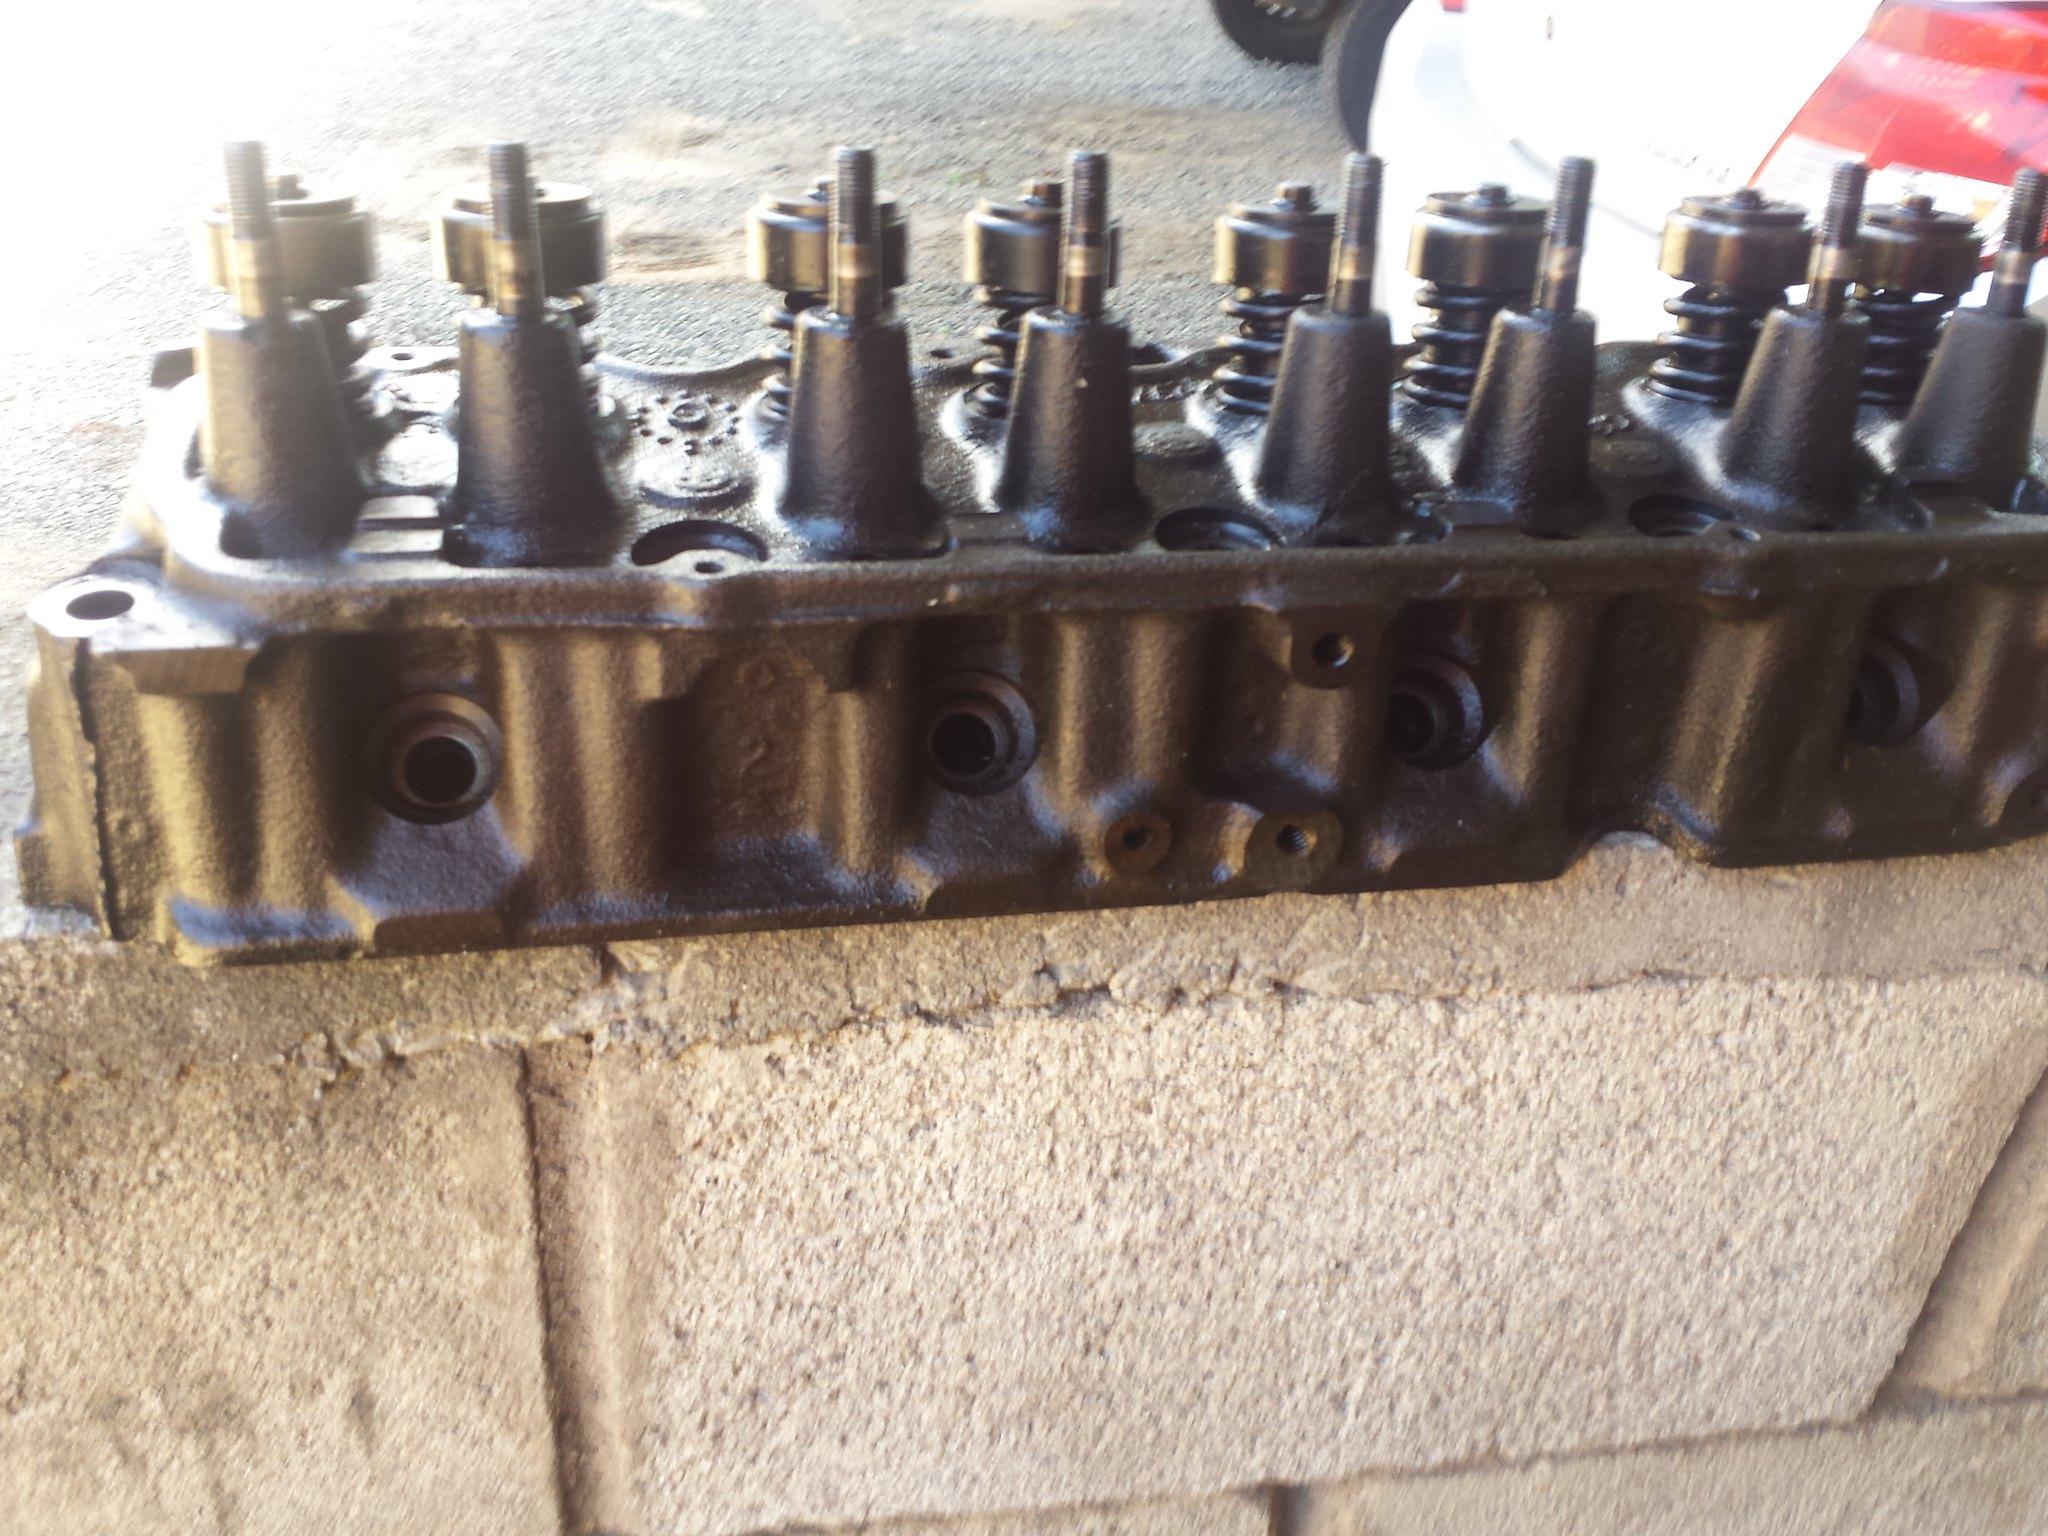 Turbo - Preparação para o Diplomata 88 4 cilindros turbo  32820698673_faac1770f6_k